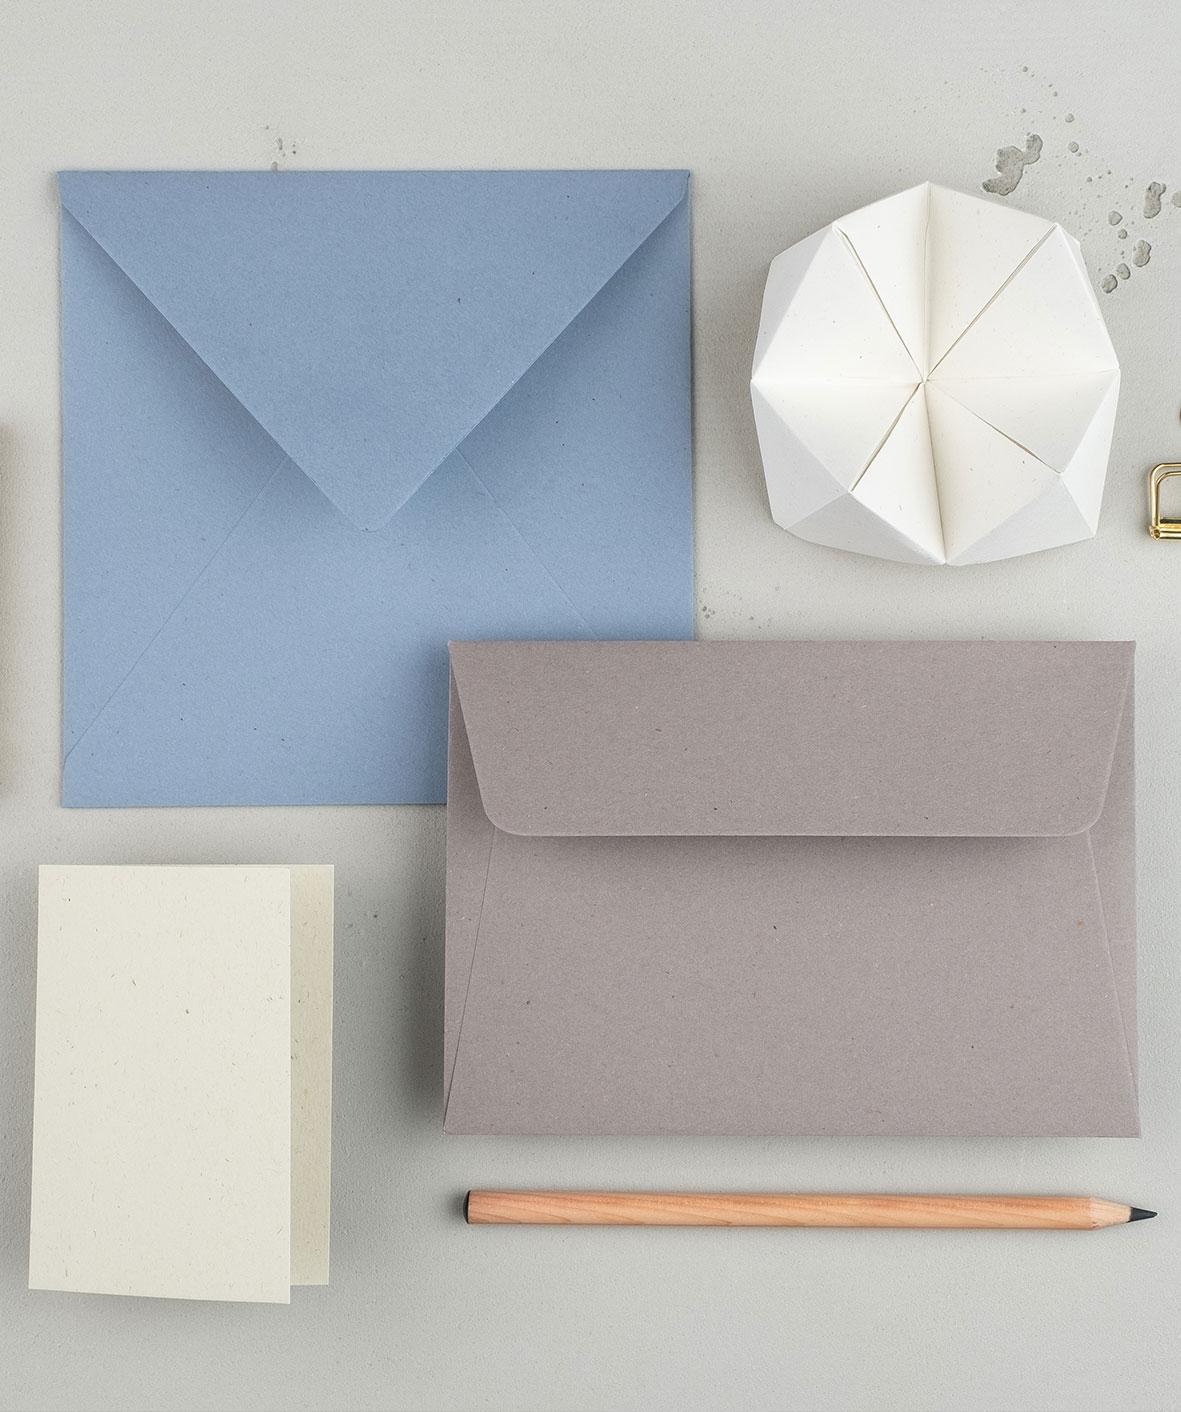 terra-karte-papier-naturpapier-roessler